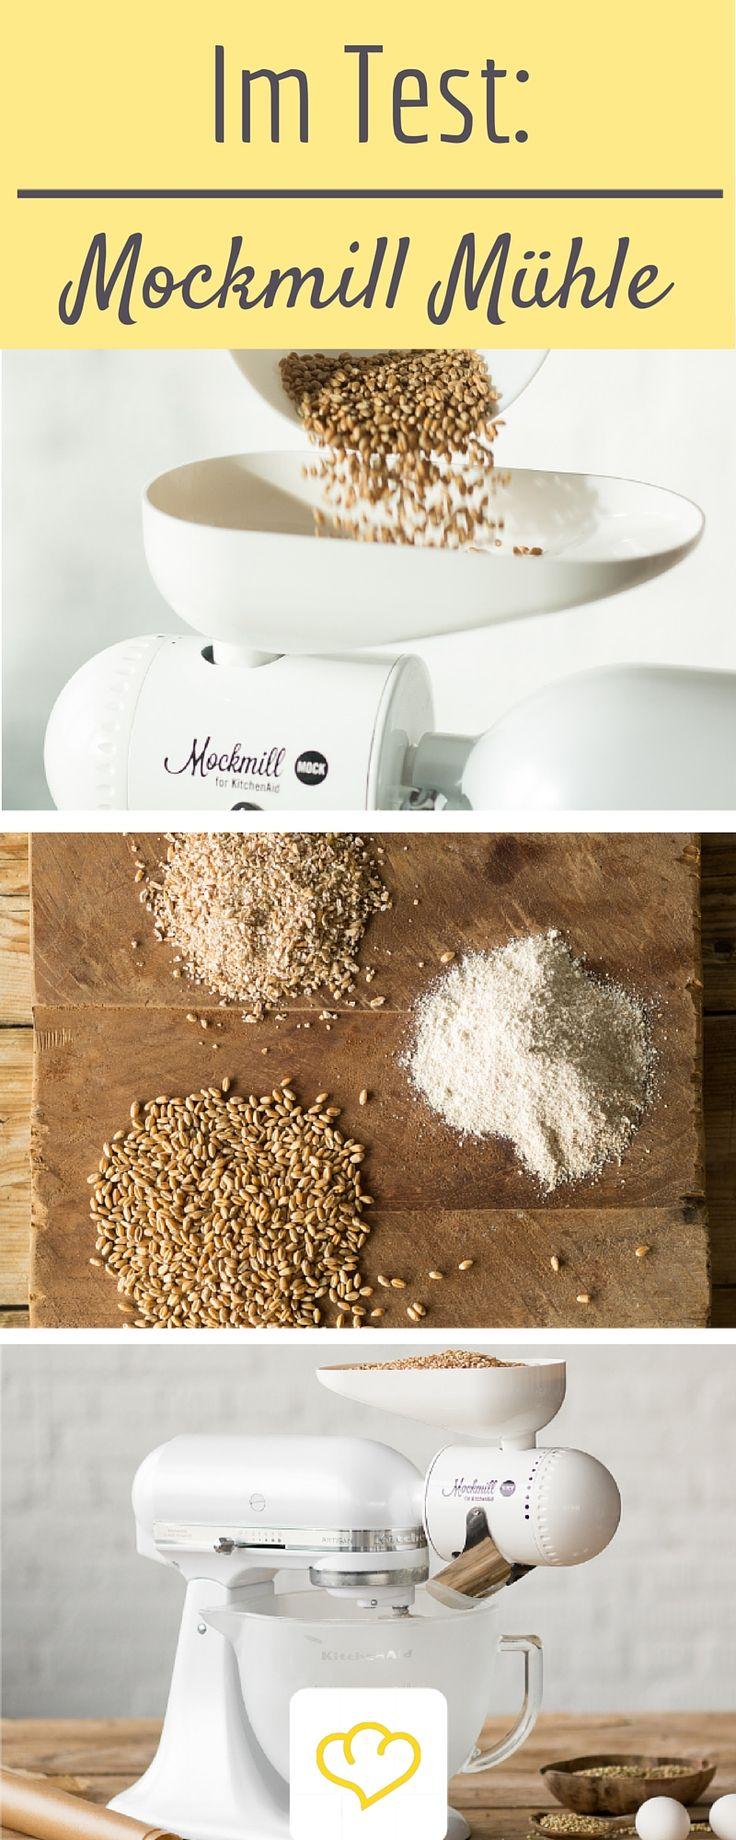 Die besten 25+ Küchenmaschine test Ideen auf Pinterest | Www ...